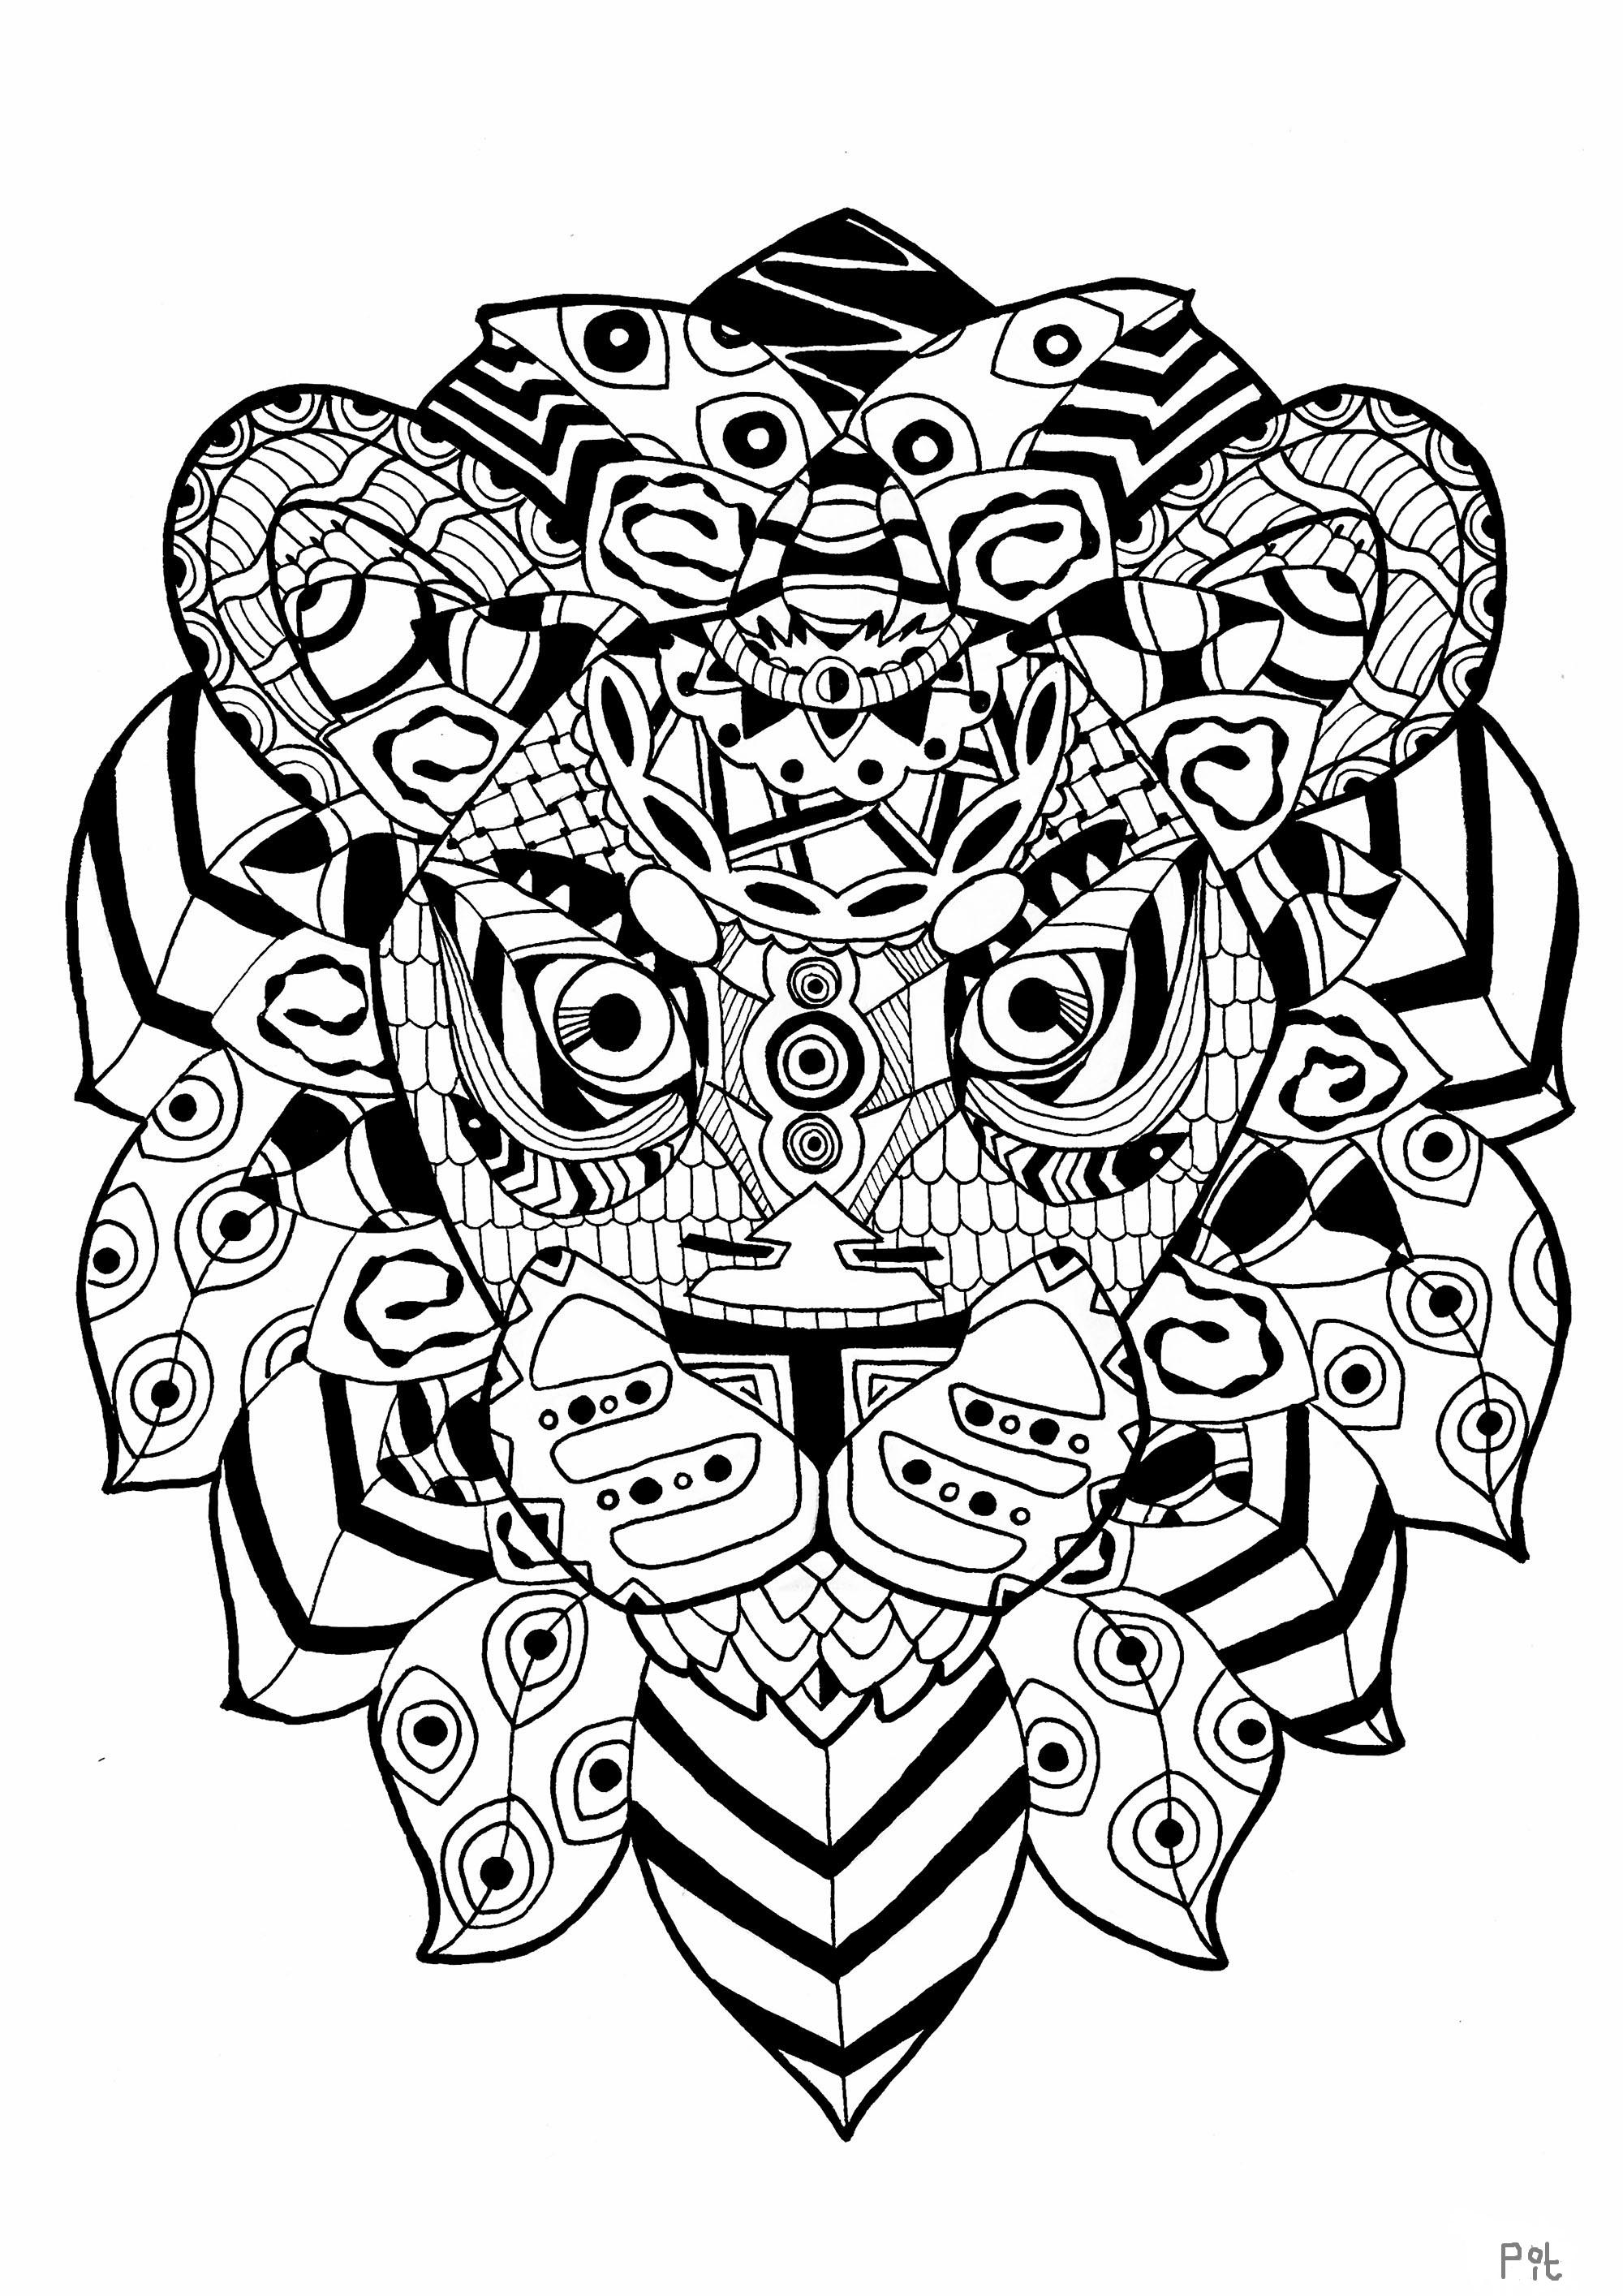 Une impressionnante tête de lion dans un style Zentangle